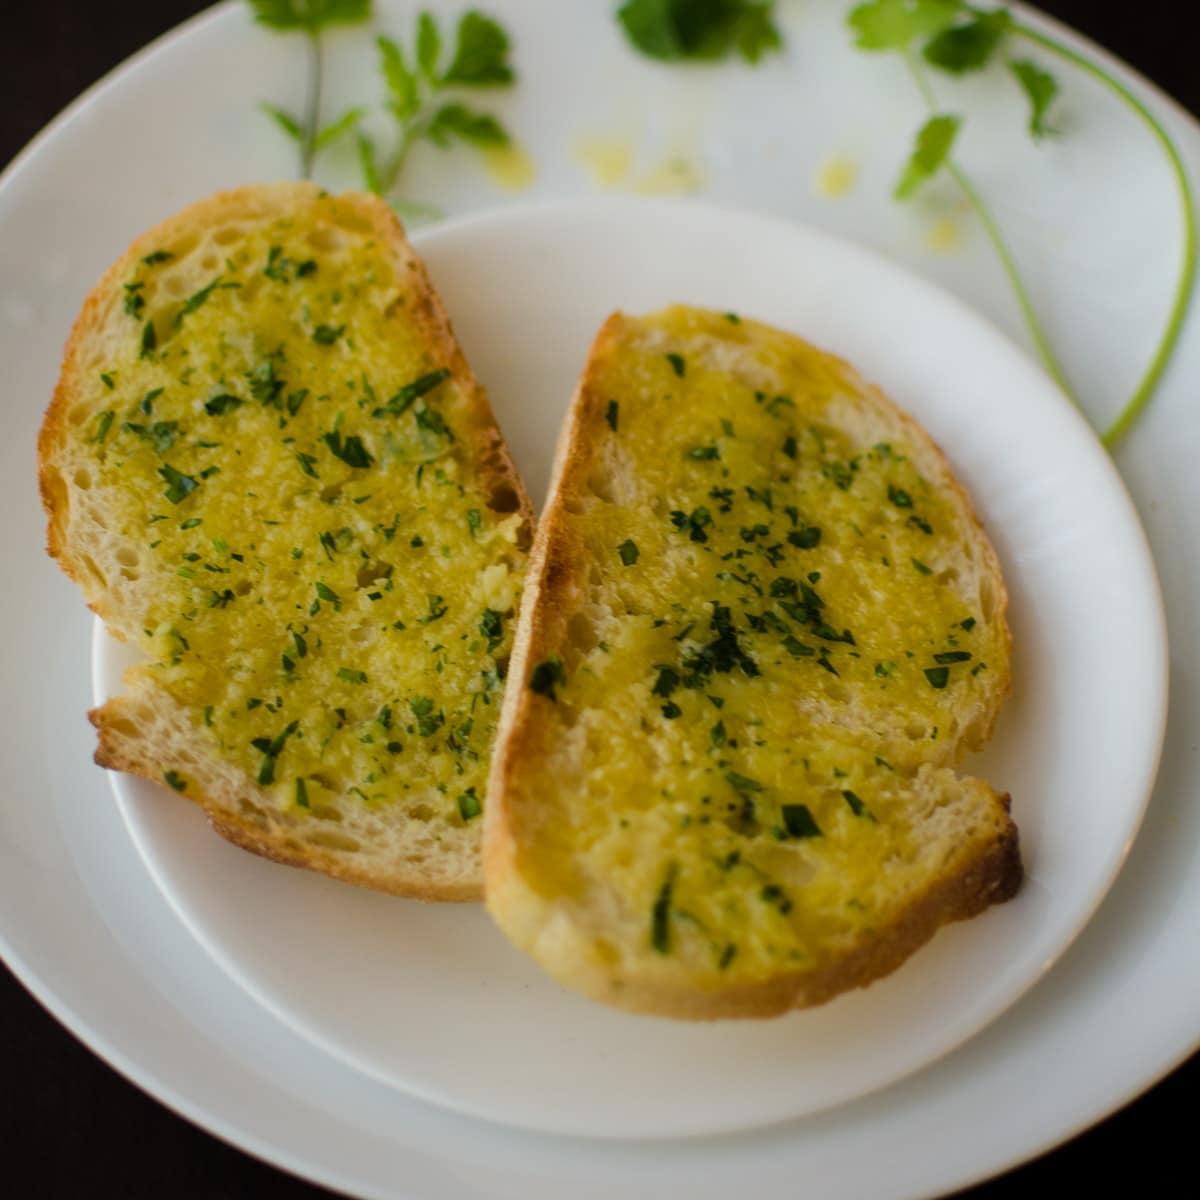 5-minute garlic bread on white plates with cilantro garnish